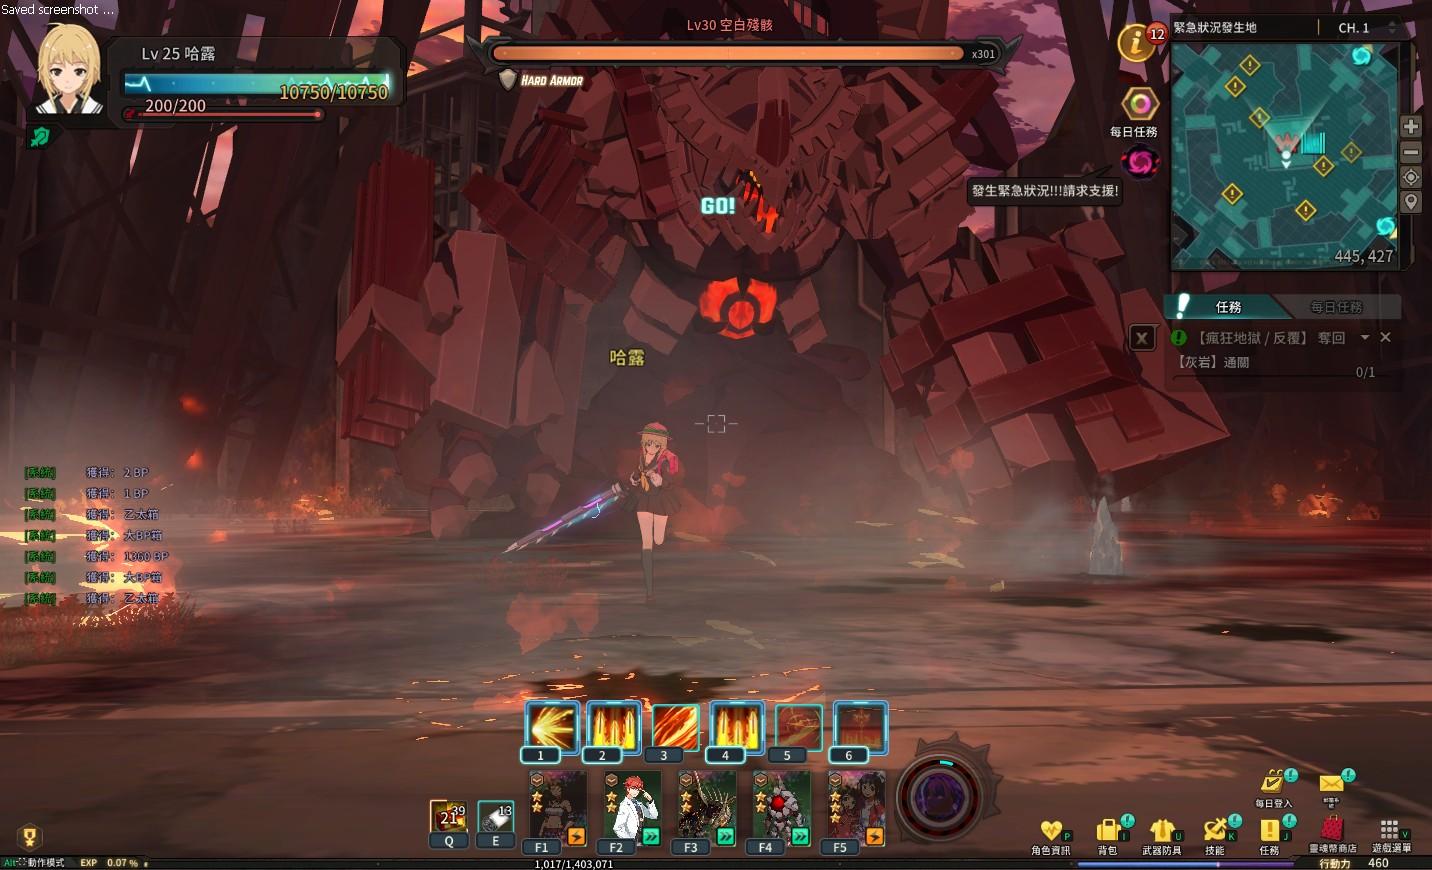 ★BOSS「空白殘骸」是一隻全身佈滿咖啡色裝甲的巨大怪物,牠是「第六區域」至尚無上的霸主